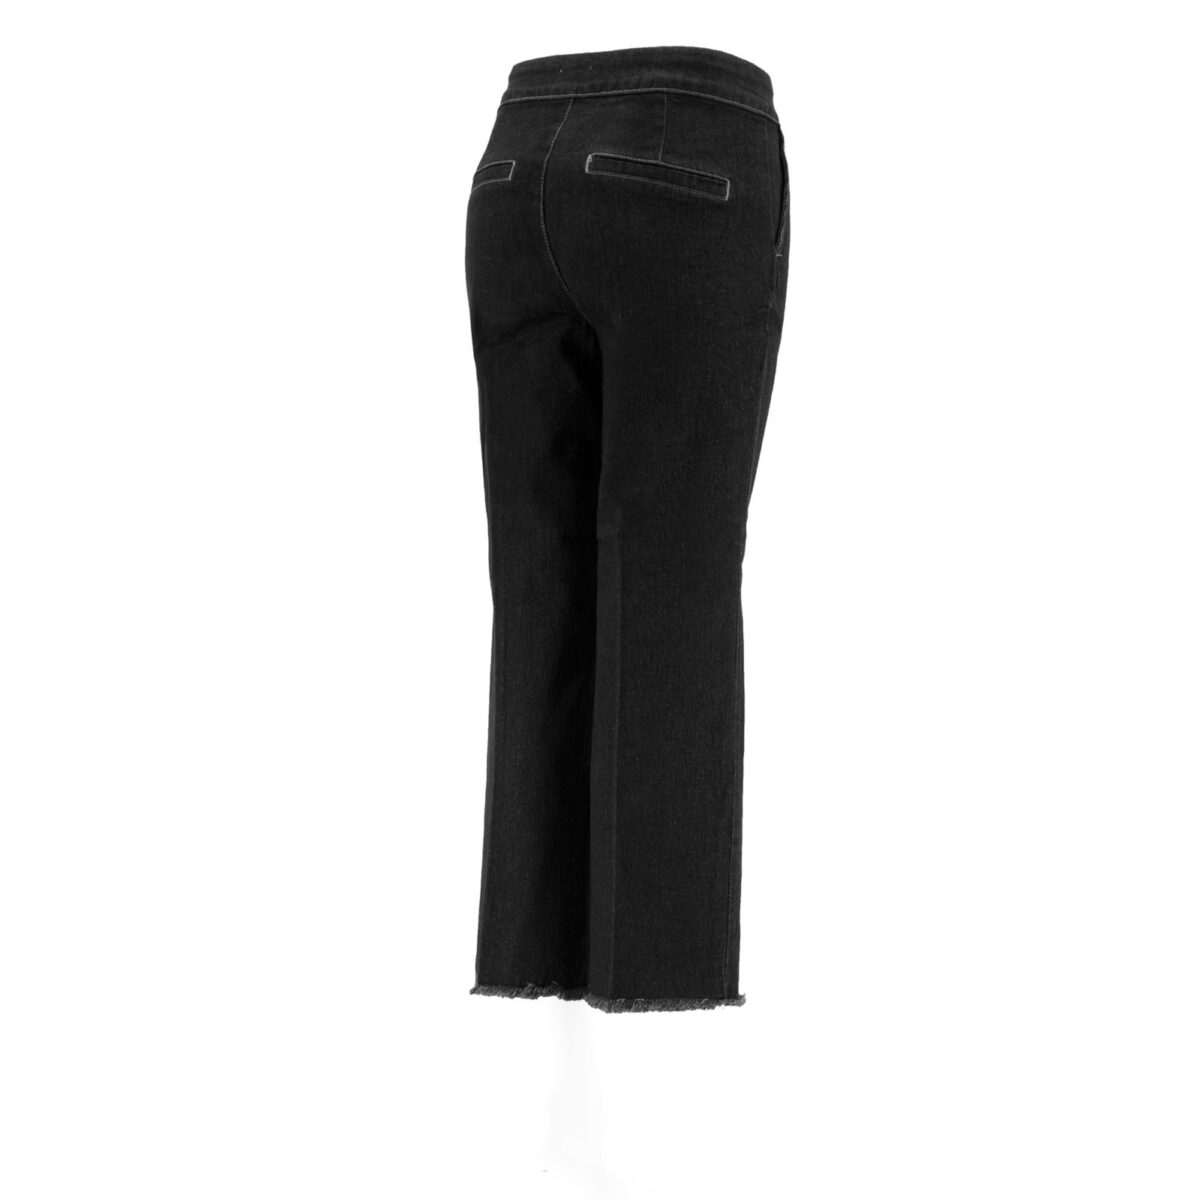 Pantalone Classic in denim DENIM - vista laterale   Nicla